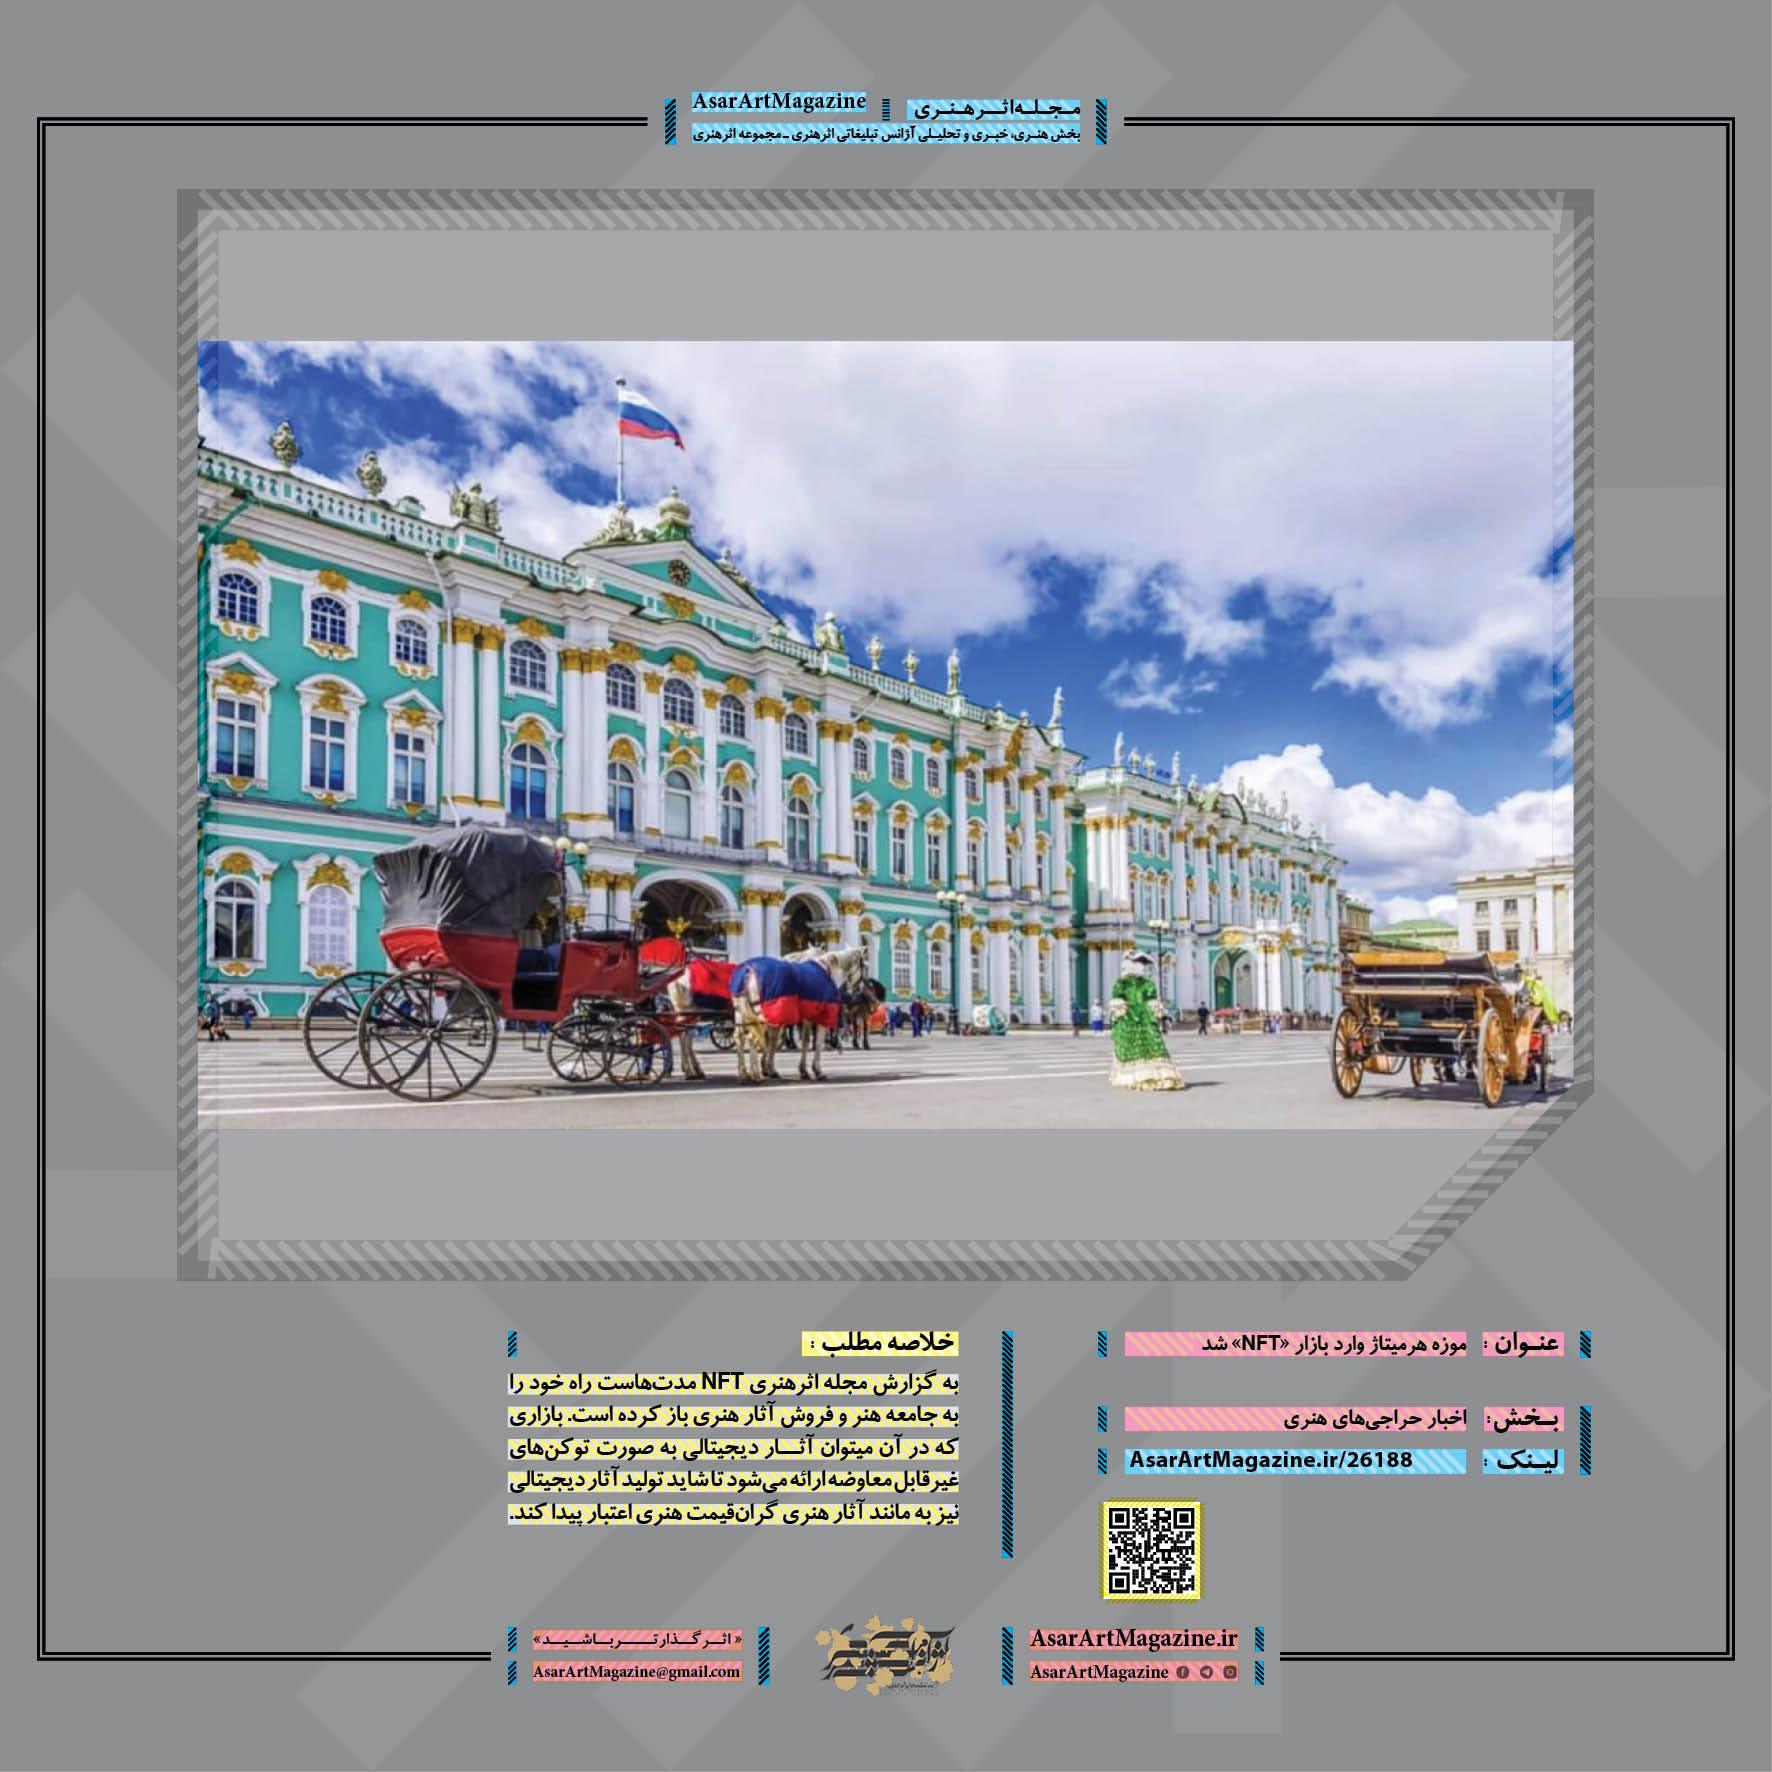 موزه هرمیتاژ وارد بازار «NFT» شد     مجله اثرهنری، بخش هنری، خبری و تحلیلی مجموعه اثرهنری   مجله اثر هنری ـ «اثرگذارتر باشید»